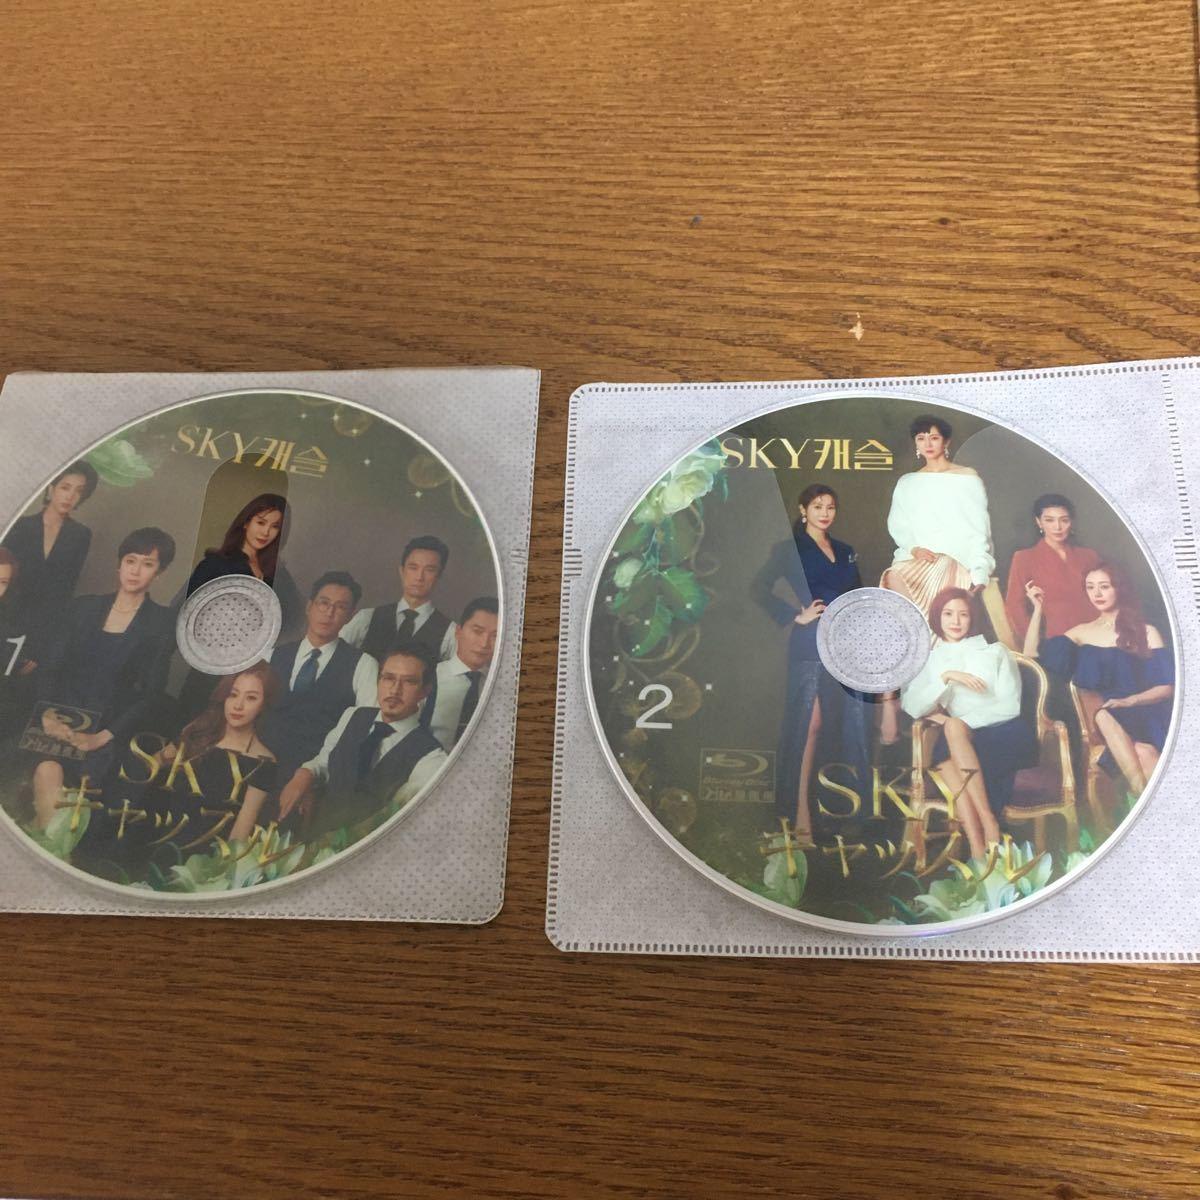 韓国ドラマ SKYキャッスル 全話 Blu-ray 当日or翌日発送【値下げ】